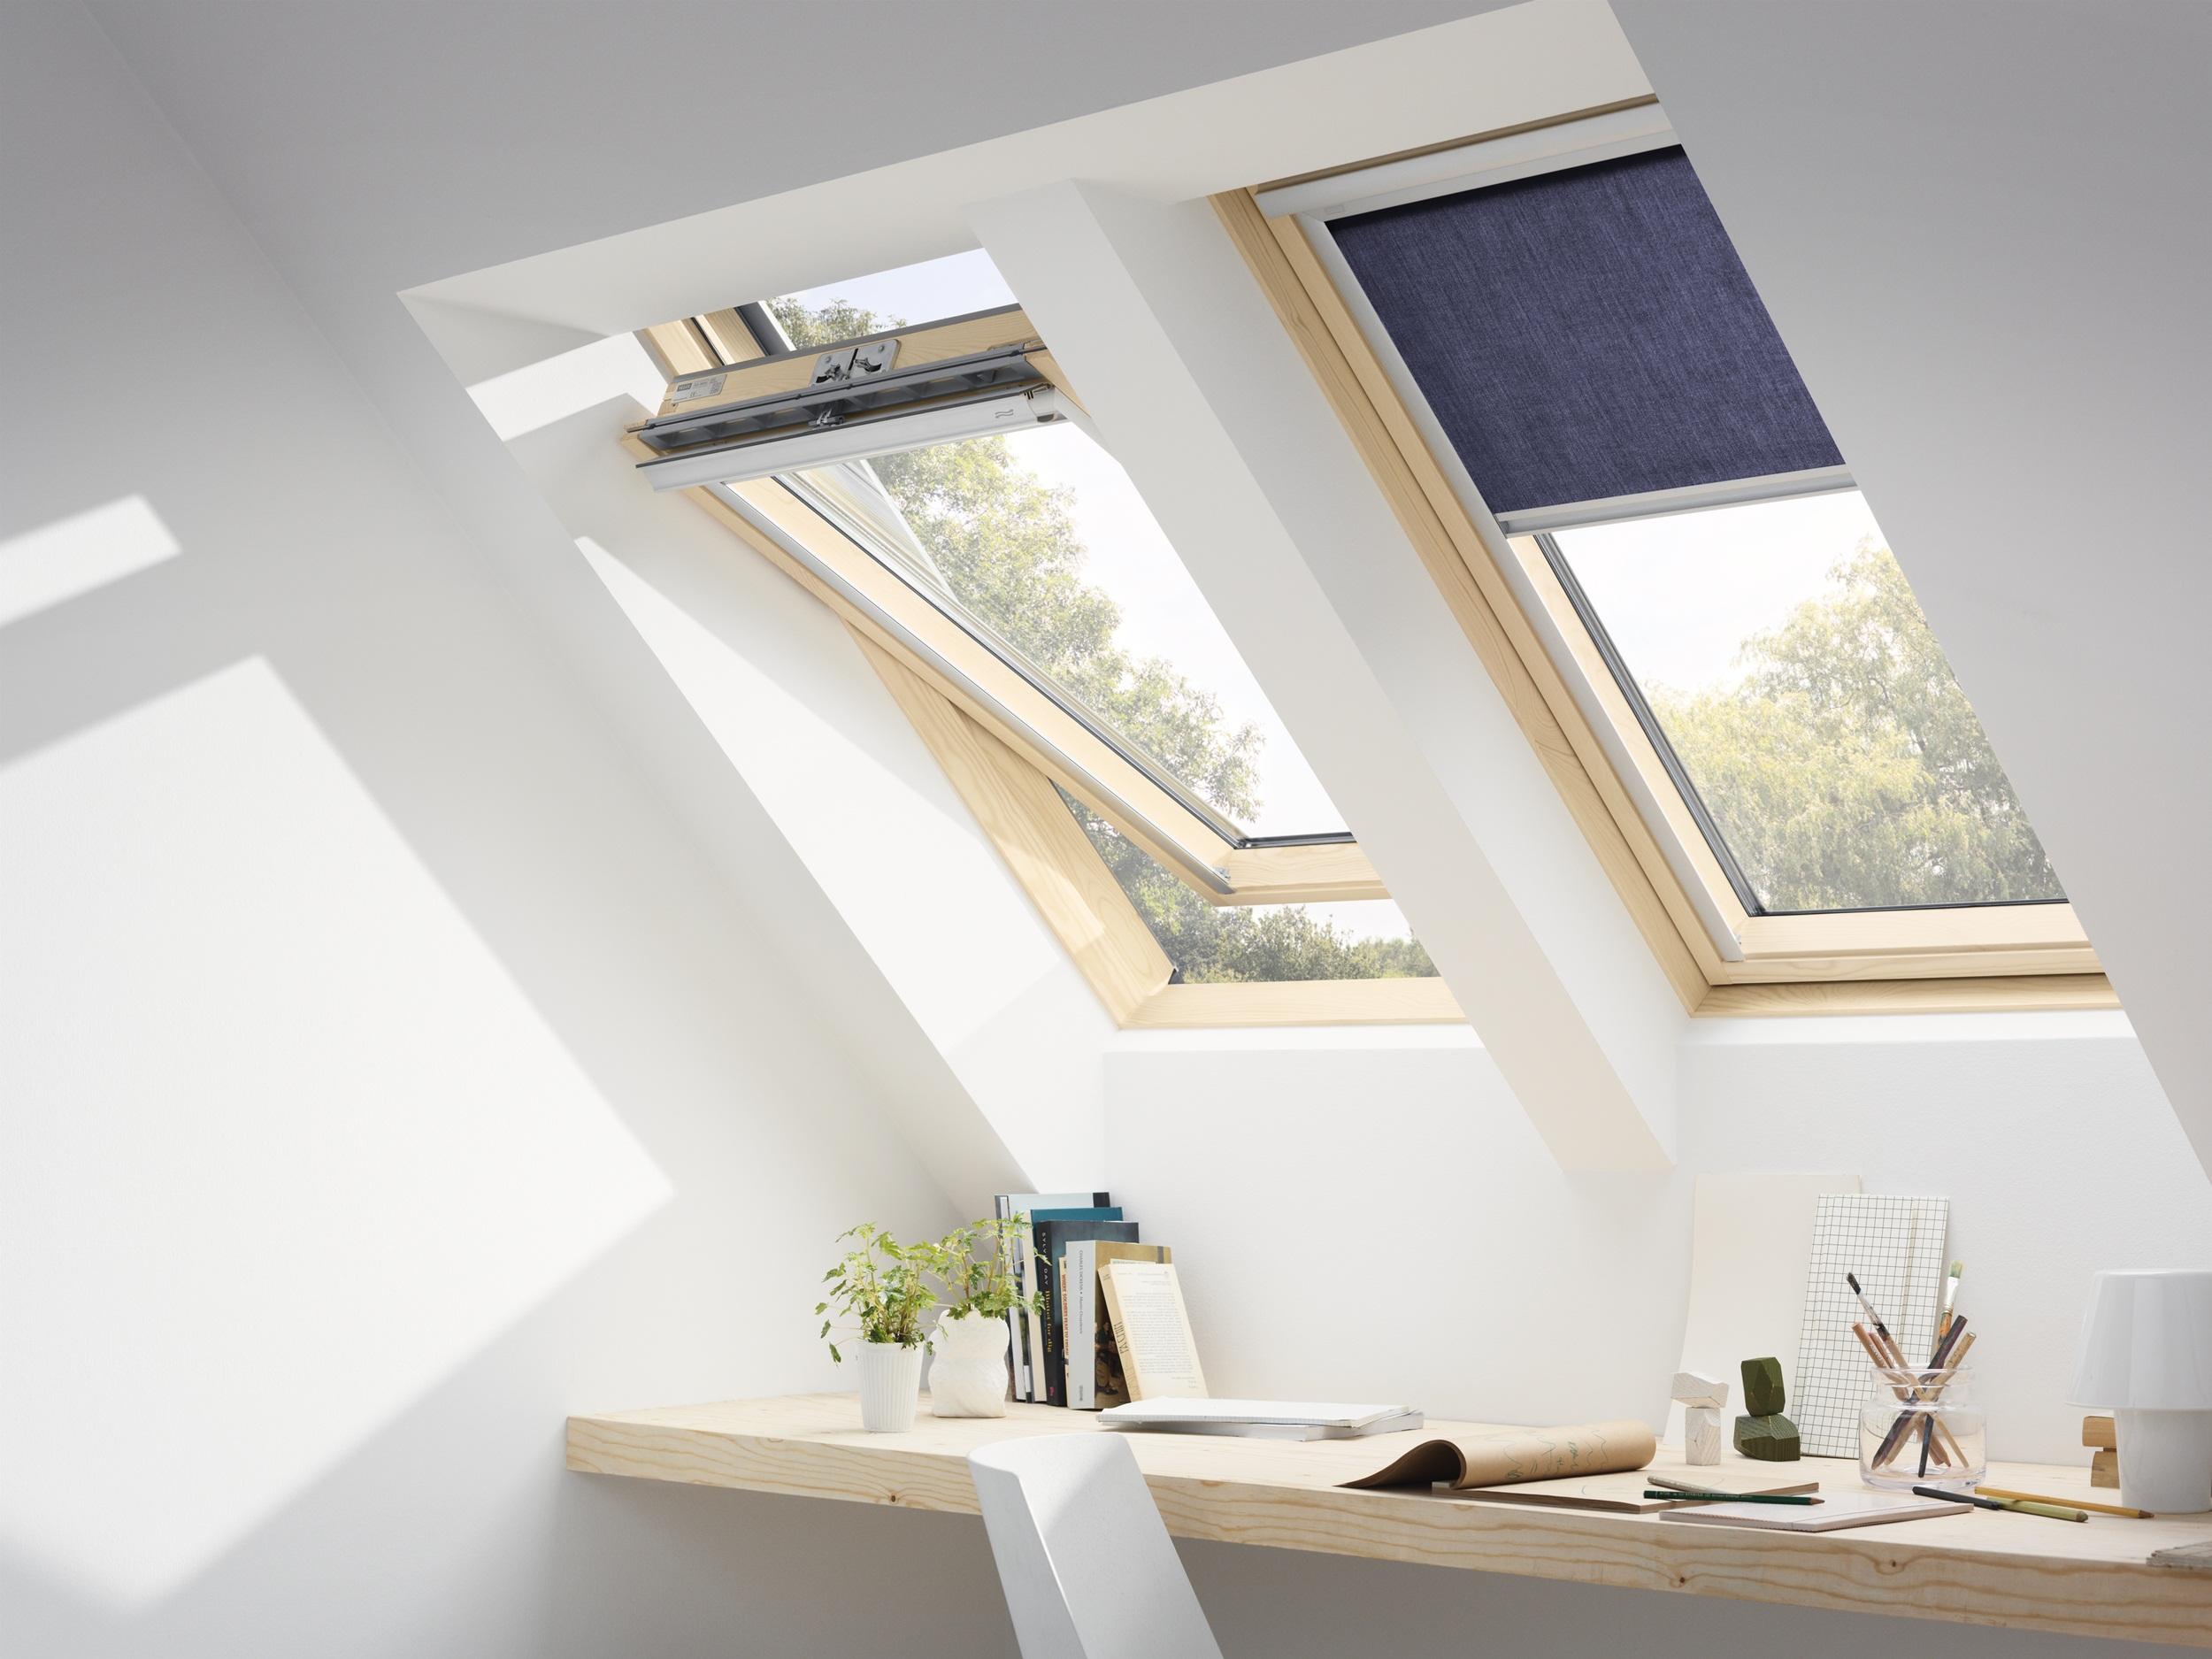 Fen tre de toit velux gzl 1051 finition bois massif - Velux fenetre de toit ...